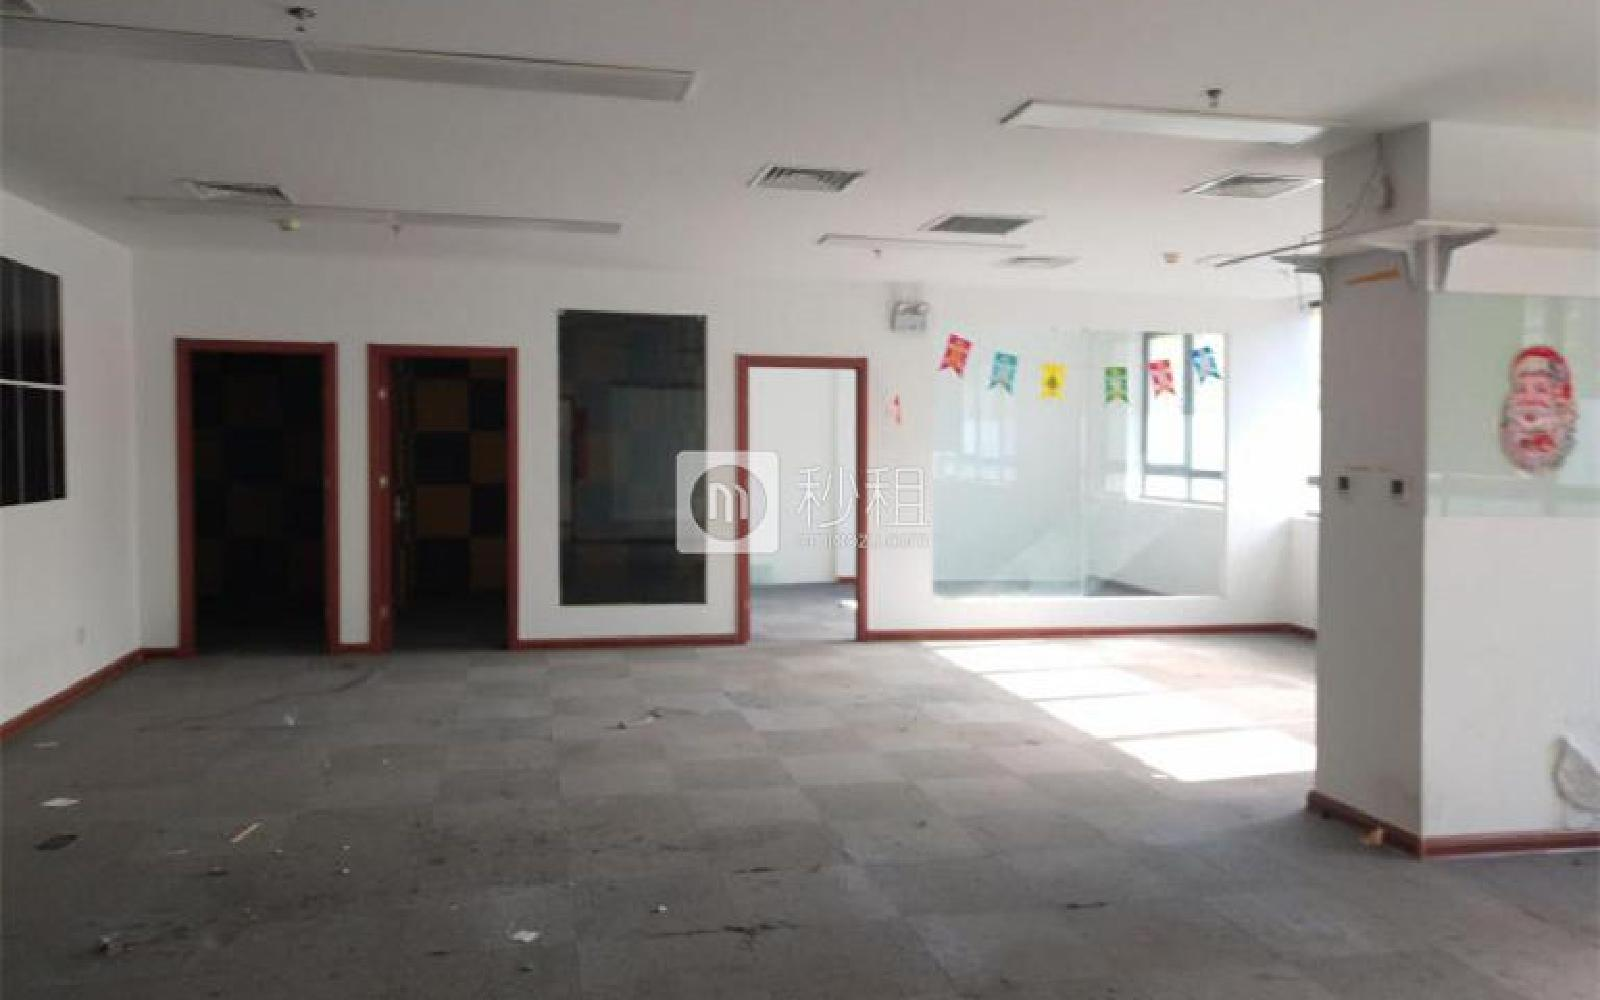 龙冠商务中心银座-乐邦乐成创业基地写字楼出租300平米简装办公室5.2元/m².天